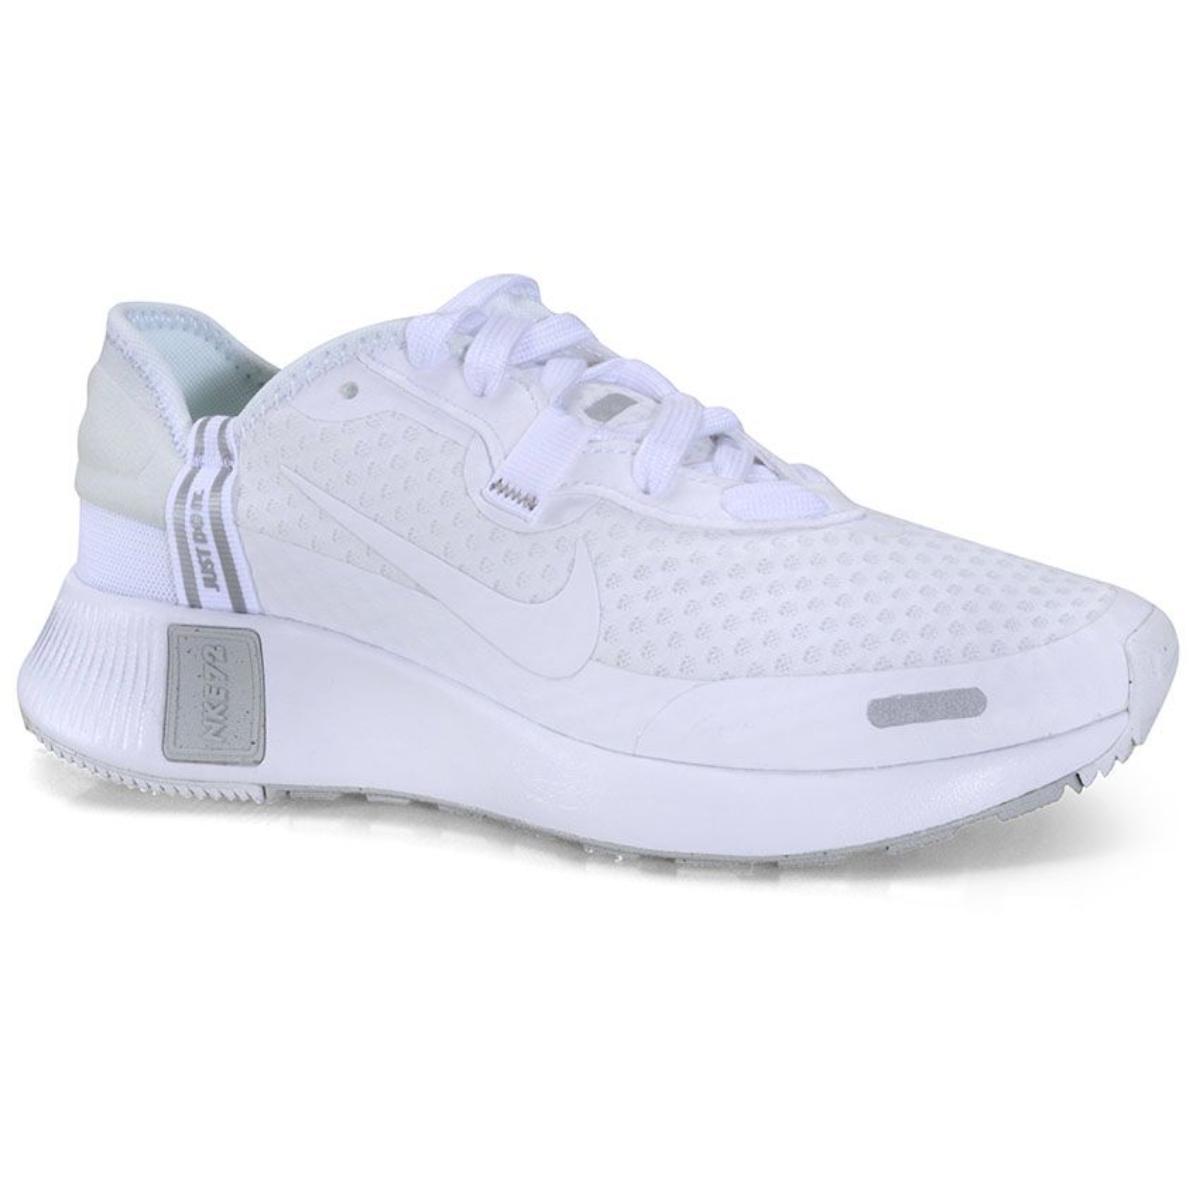 Tênis Feminino Nike Cz5630-104 Reposto Branco